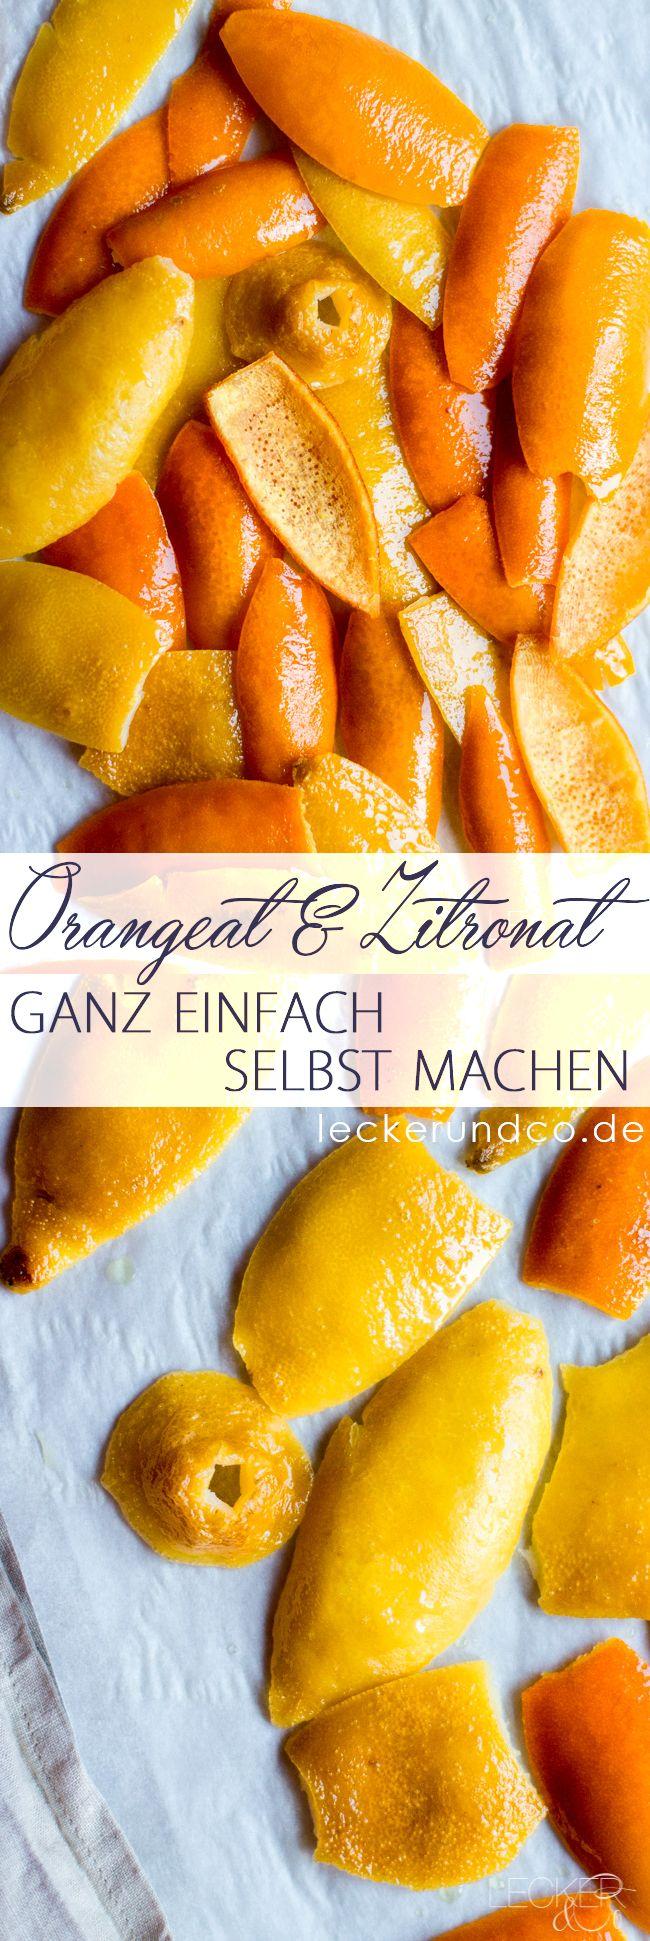 Orangeat und Zitronat ganz einfach selbst machen: 2 kg Zitrusfrüchte (Bio Zitronen und Bio Orangen) 800 g Zucker 1 L Wasser